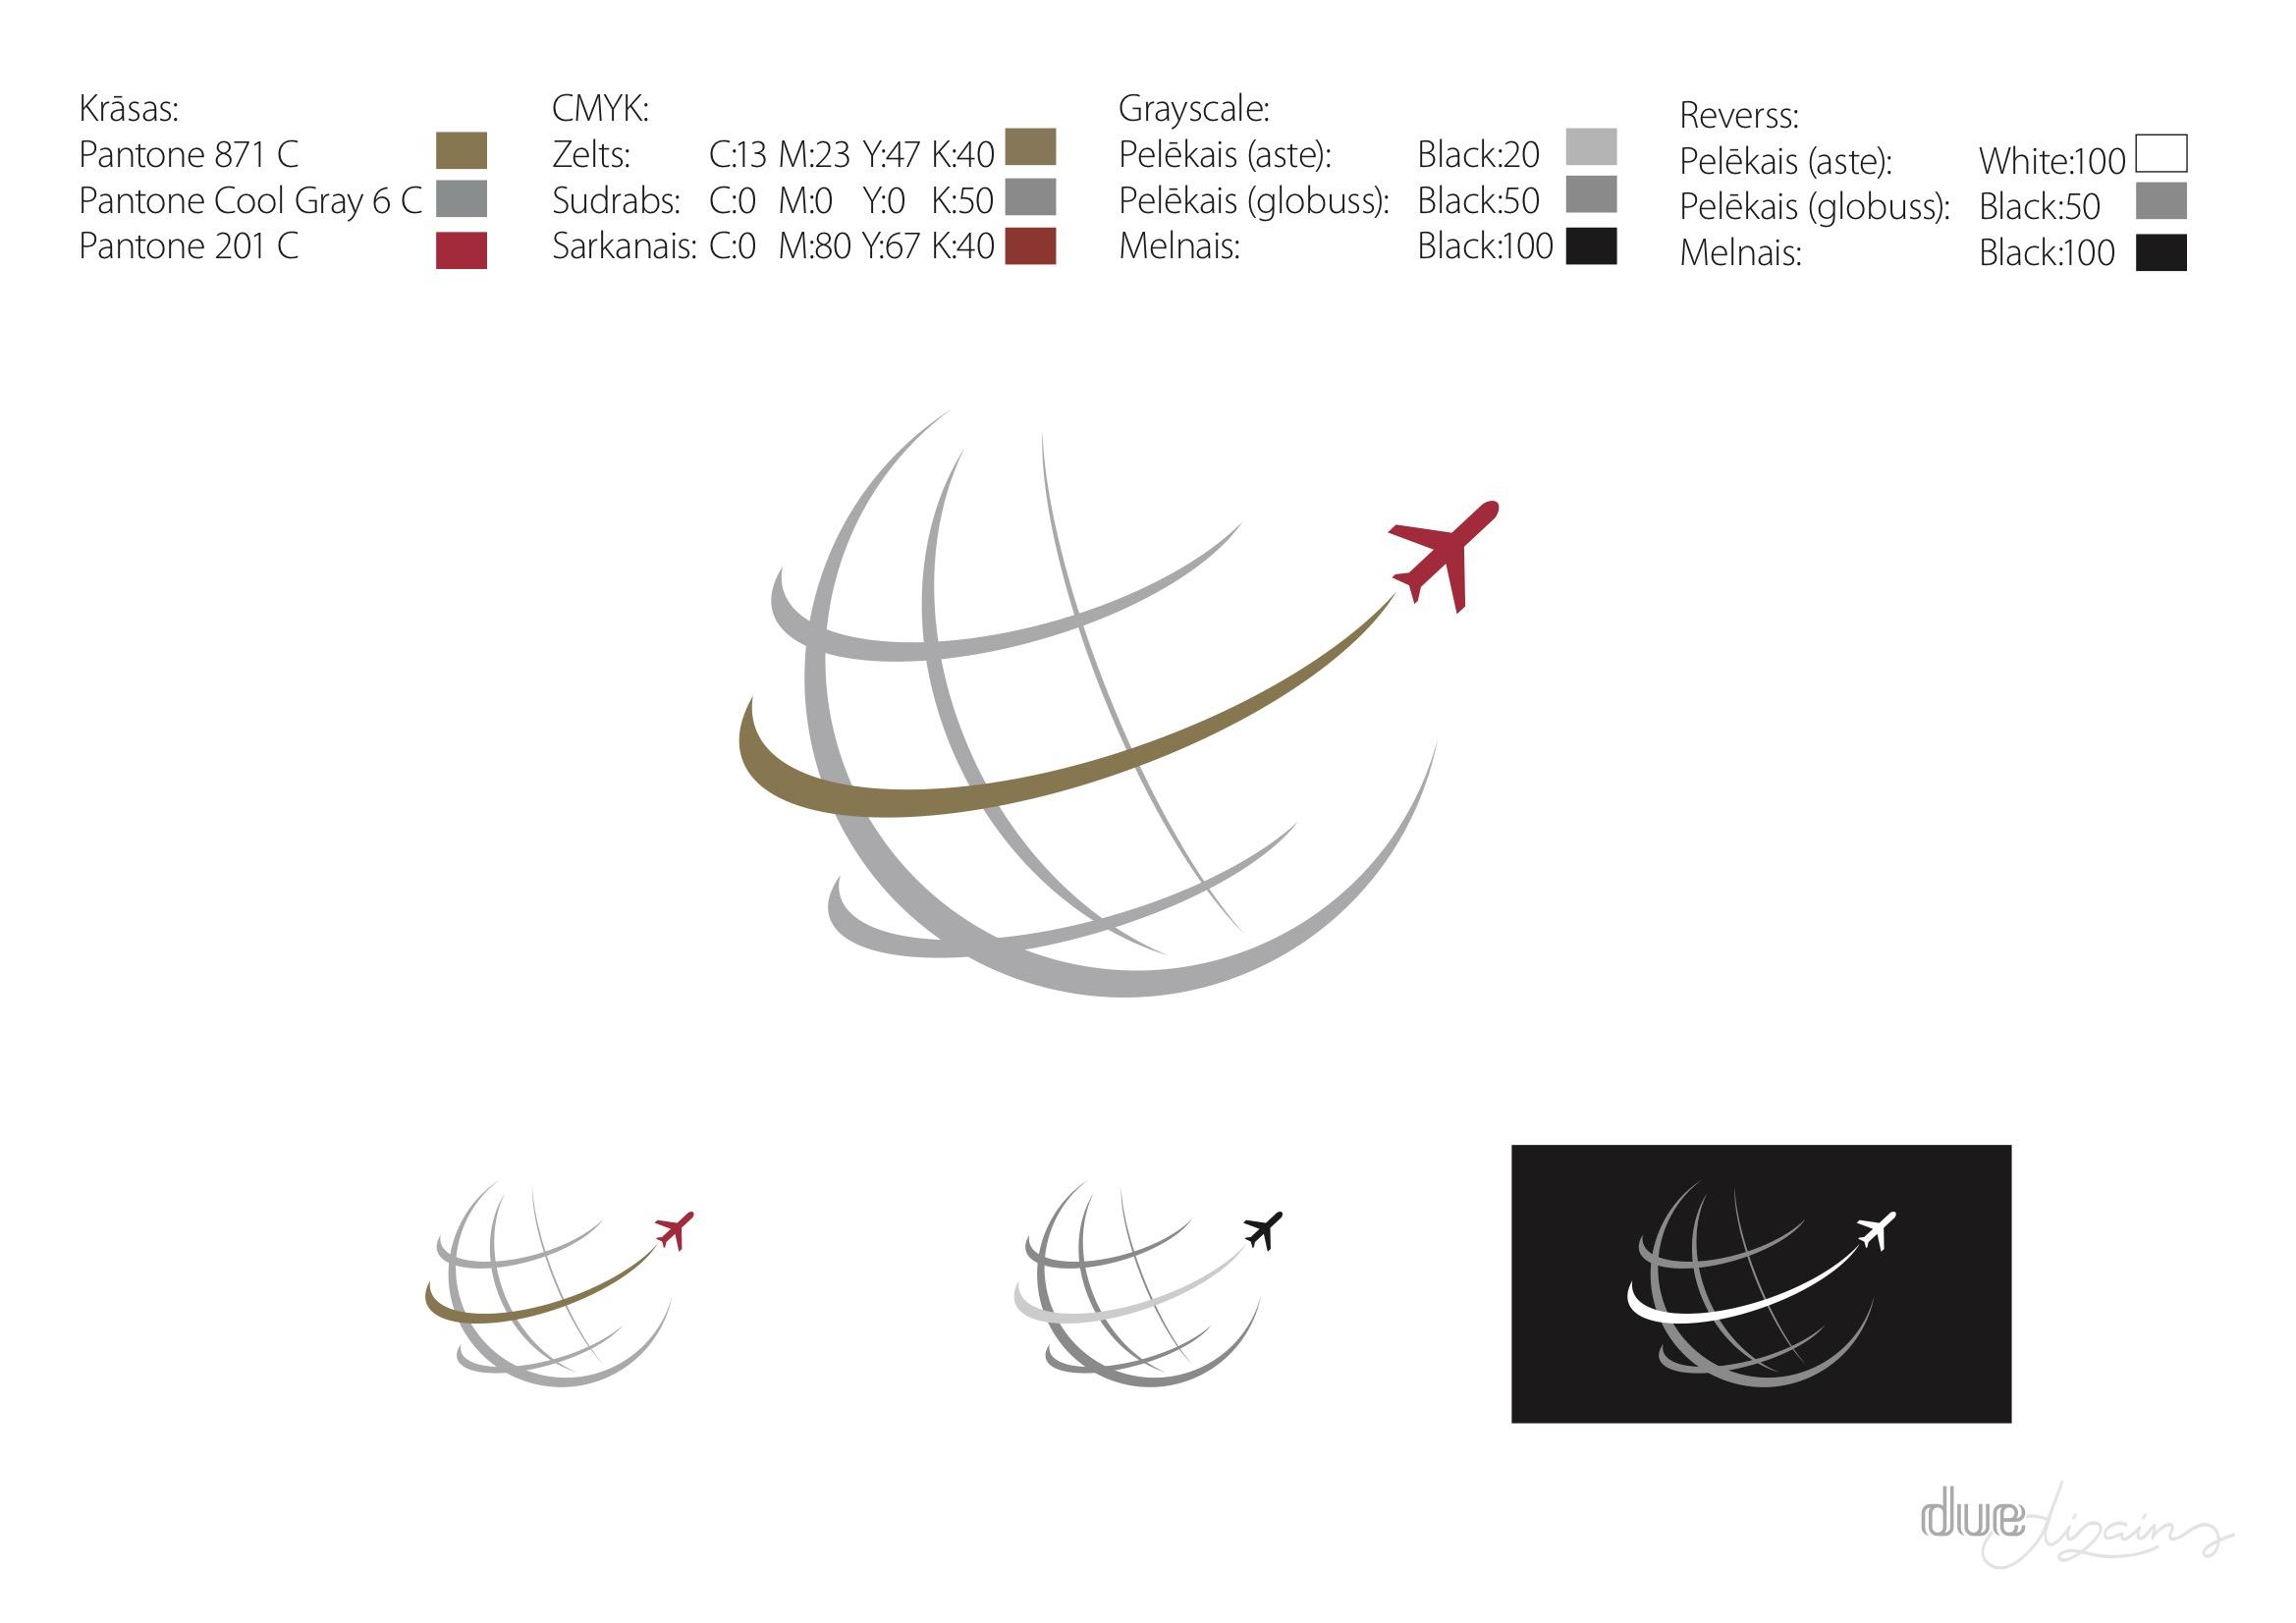 latvijas aviacijas asociacija 17 februaris final 2 3